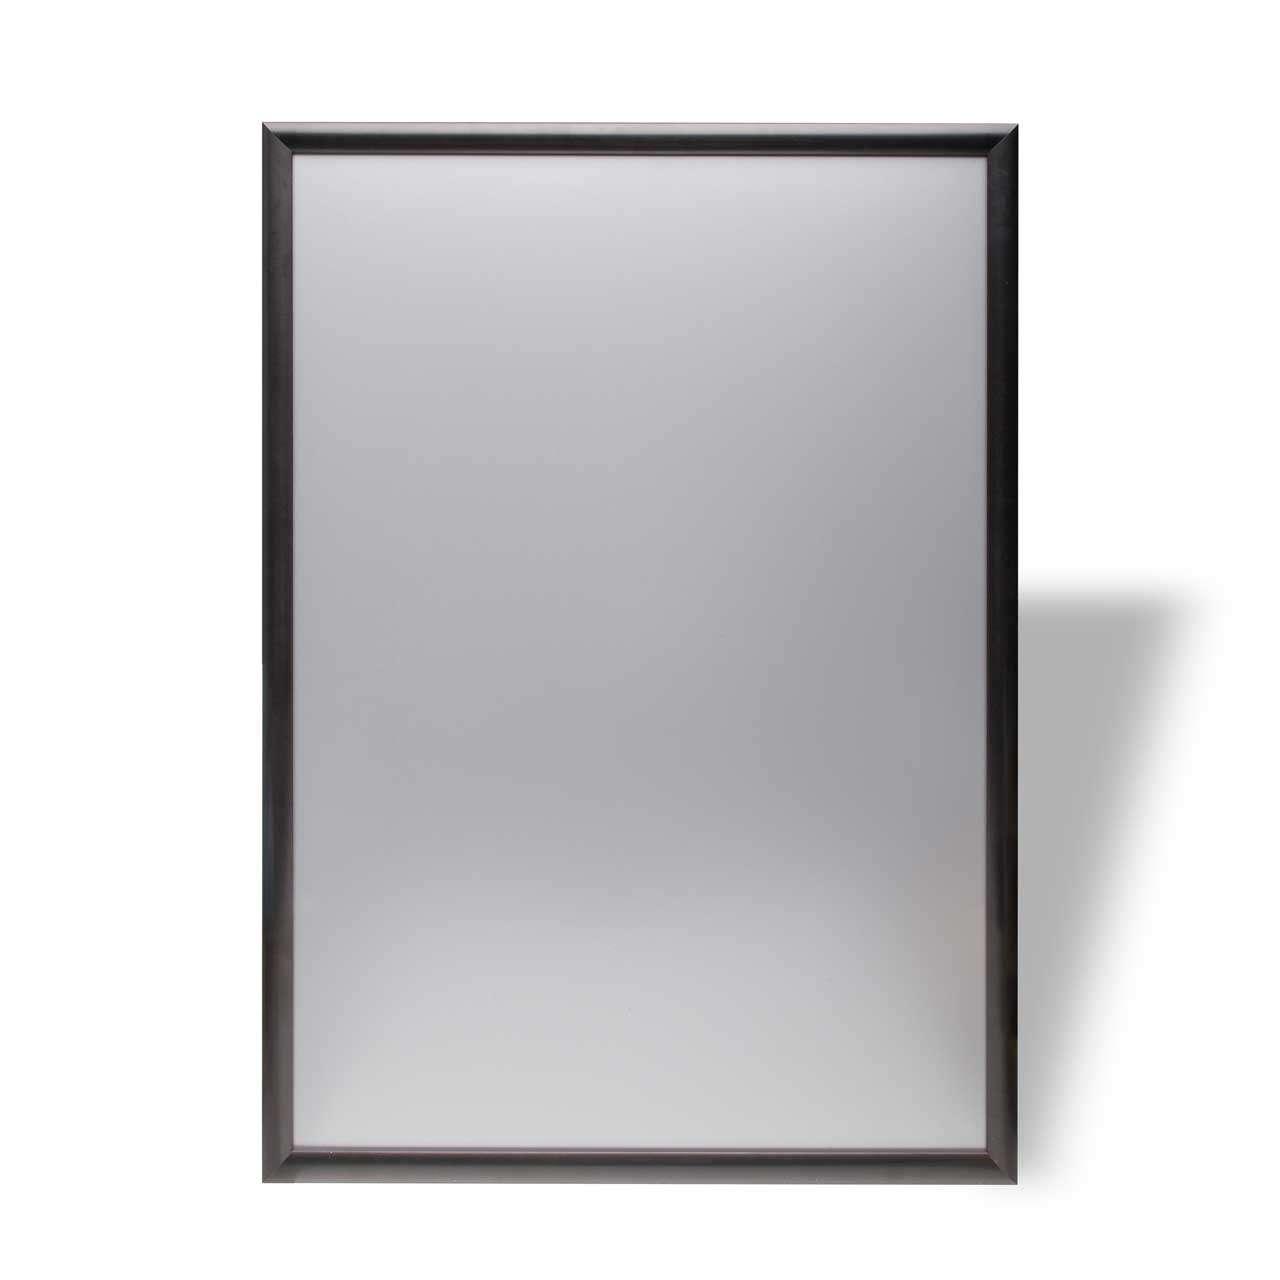 Plakatrahmen schwarz, mit kantigen Ecken, DIN A1 (594 x 841 mm ...